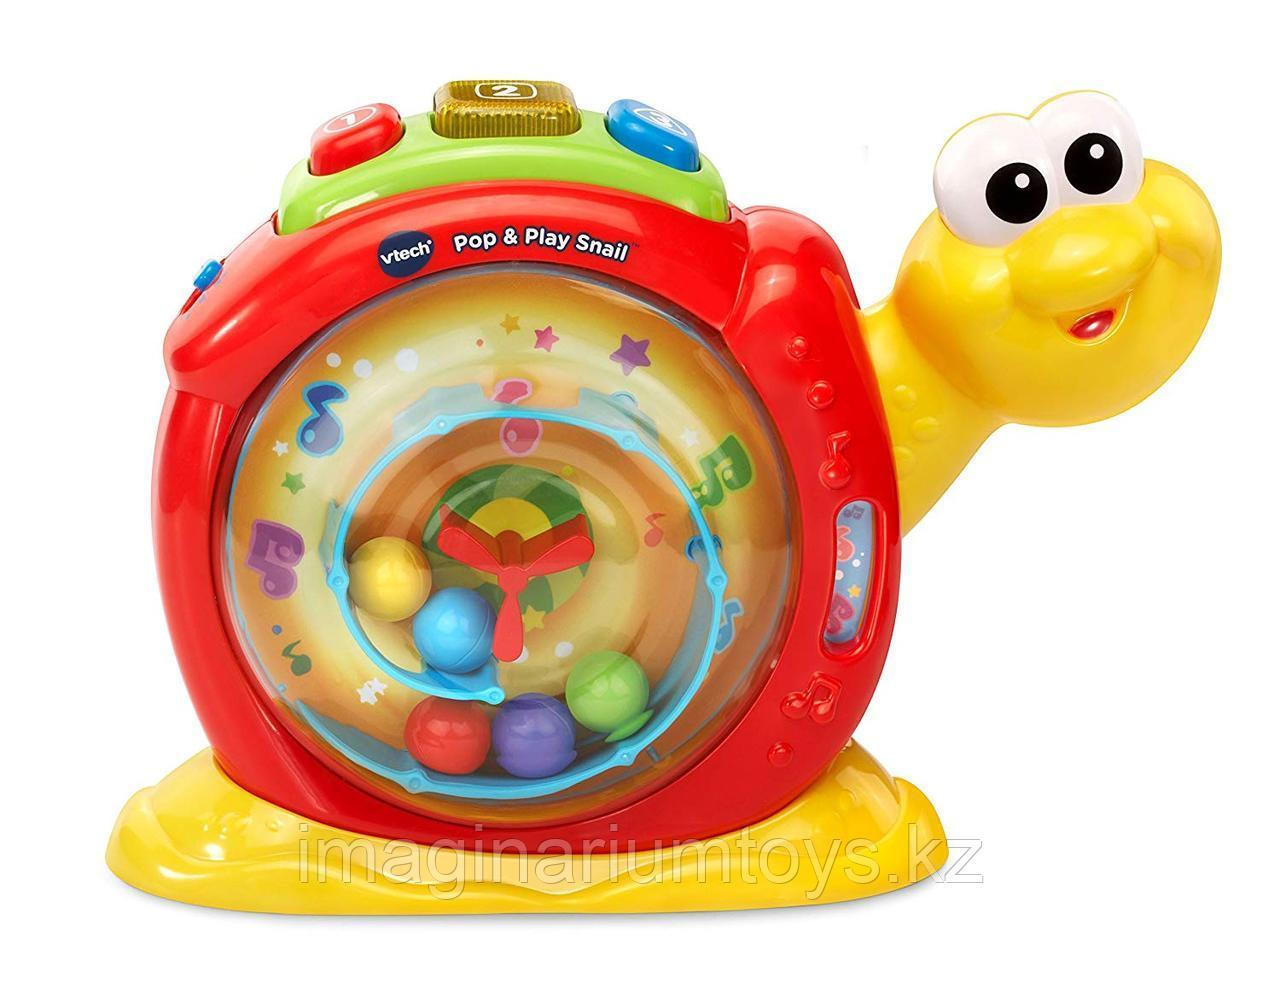 Интерактивная развивающая игрушка «Веселая улитка» VTech